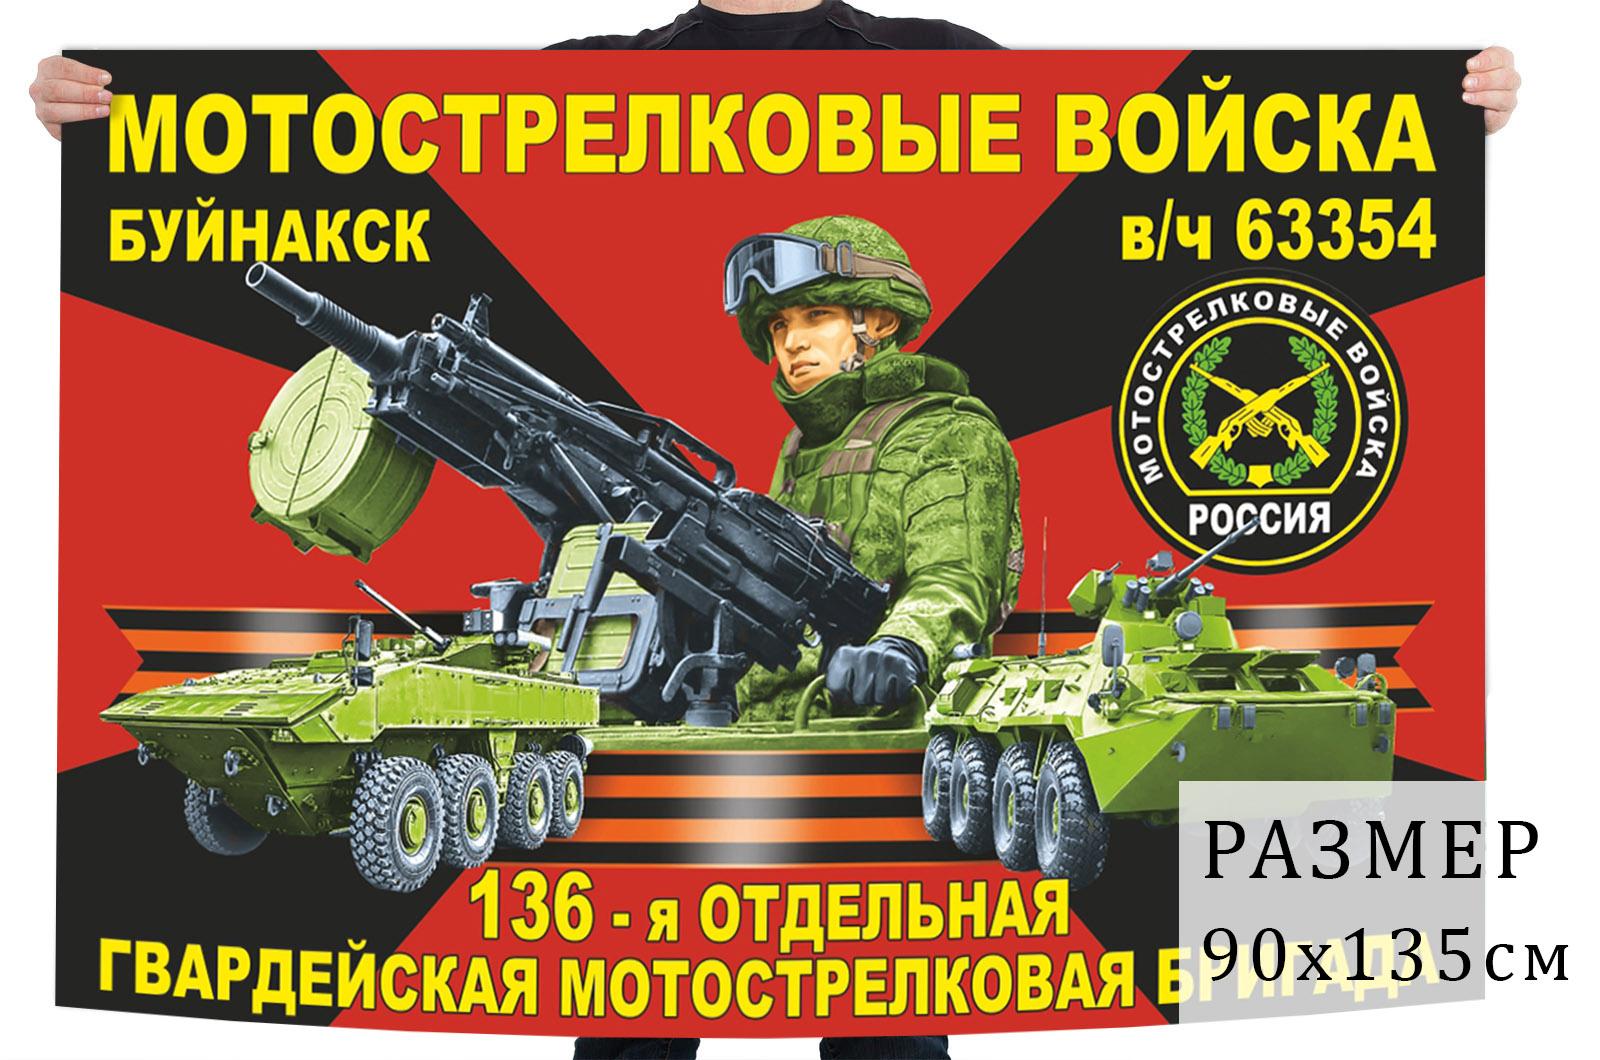 Флаг 136 отдельной гвардейской мотострелковой бригады